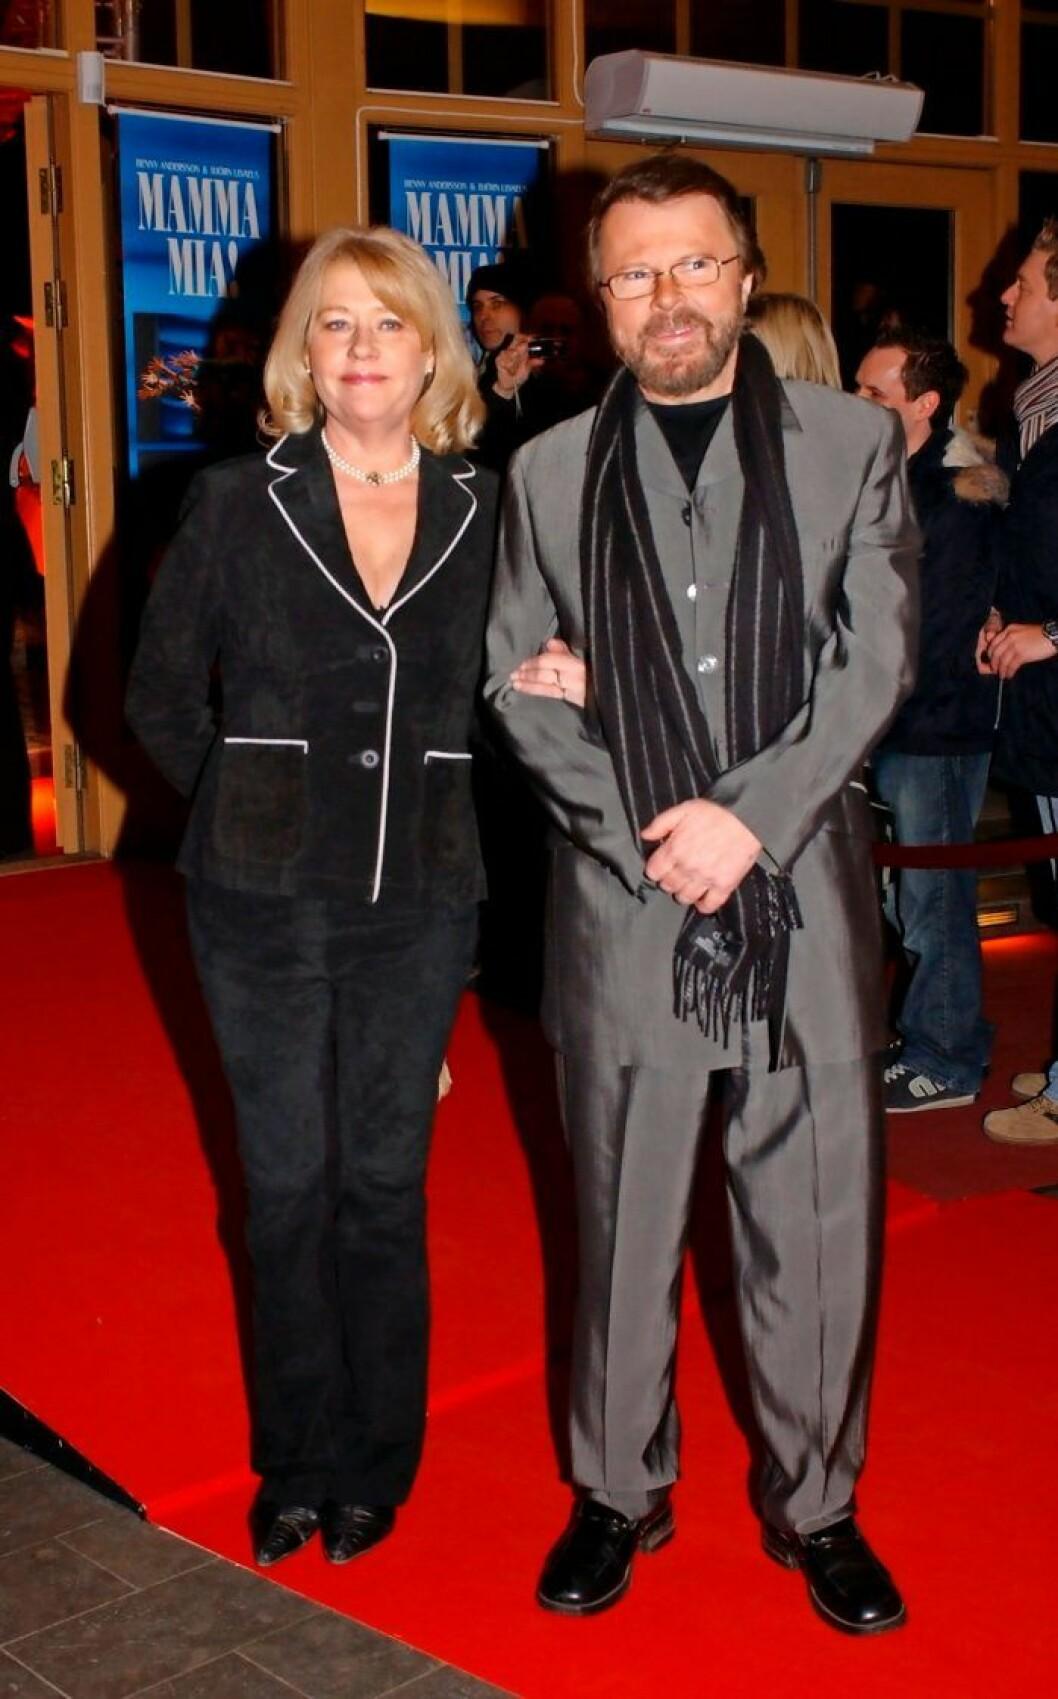 Och Björn Ulvaeus när han anländer till Cirkus med hustrun Lena.